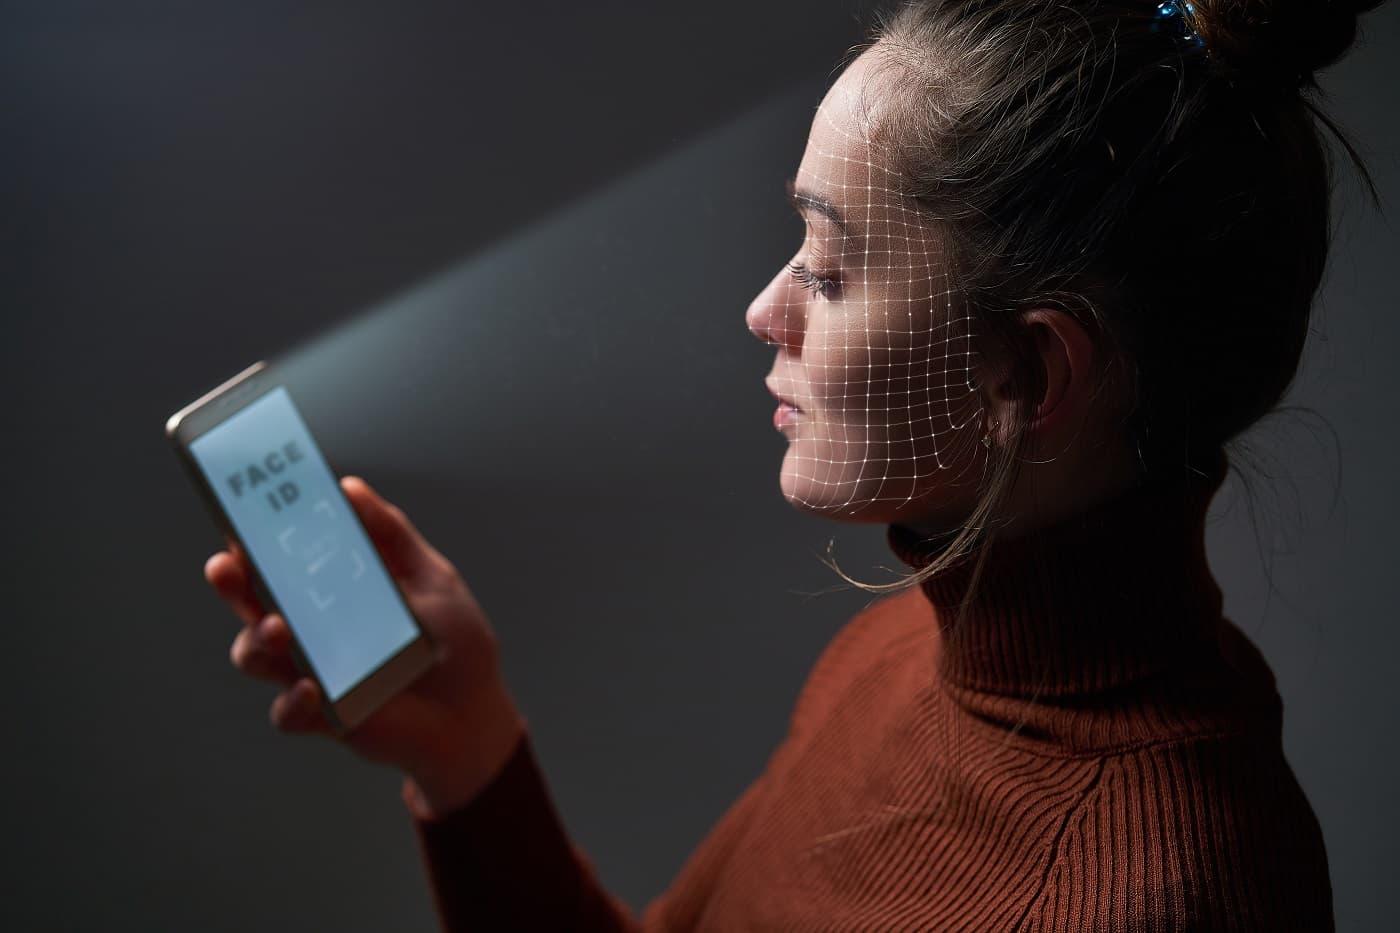 reconocimiento facial en móvil